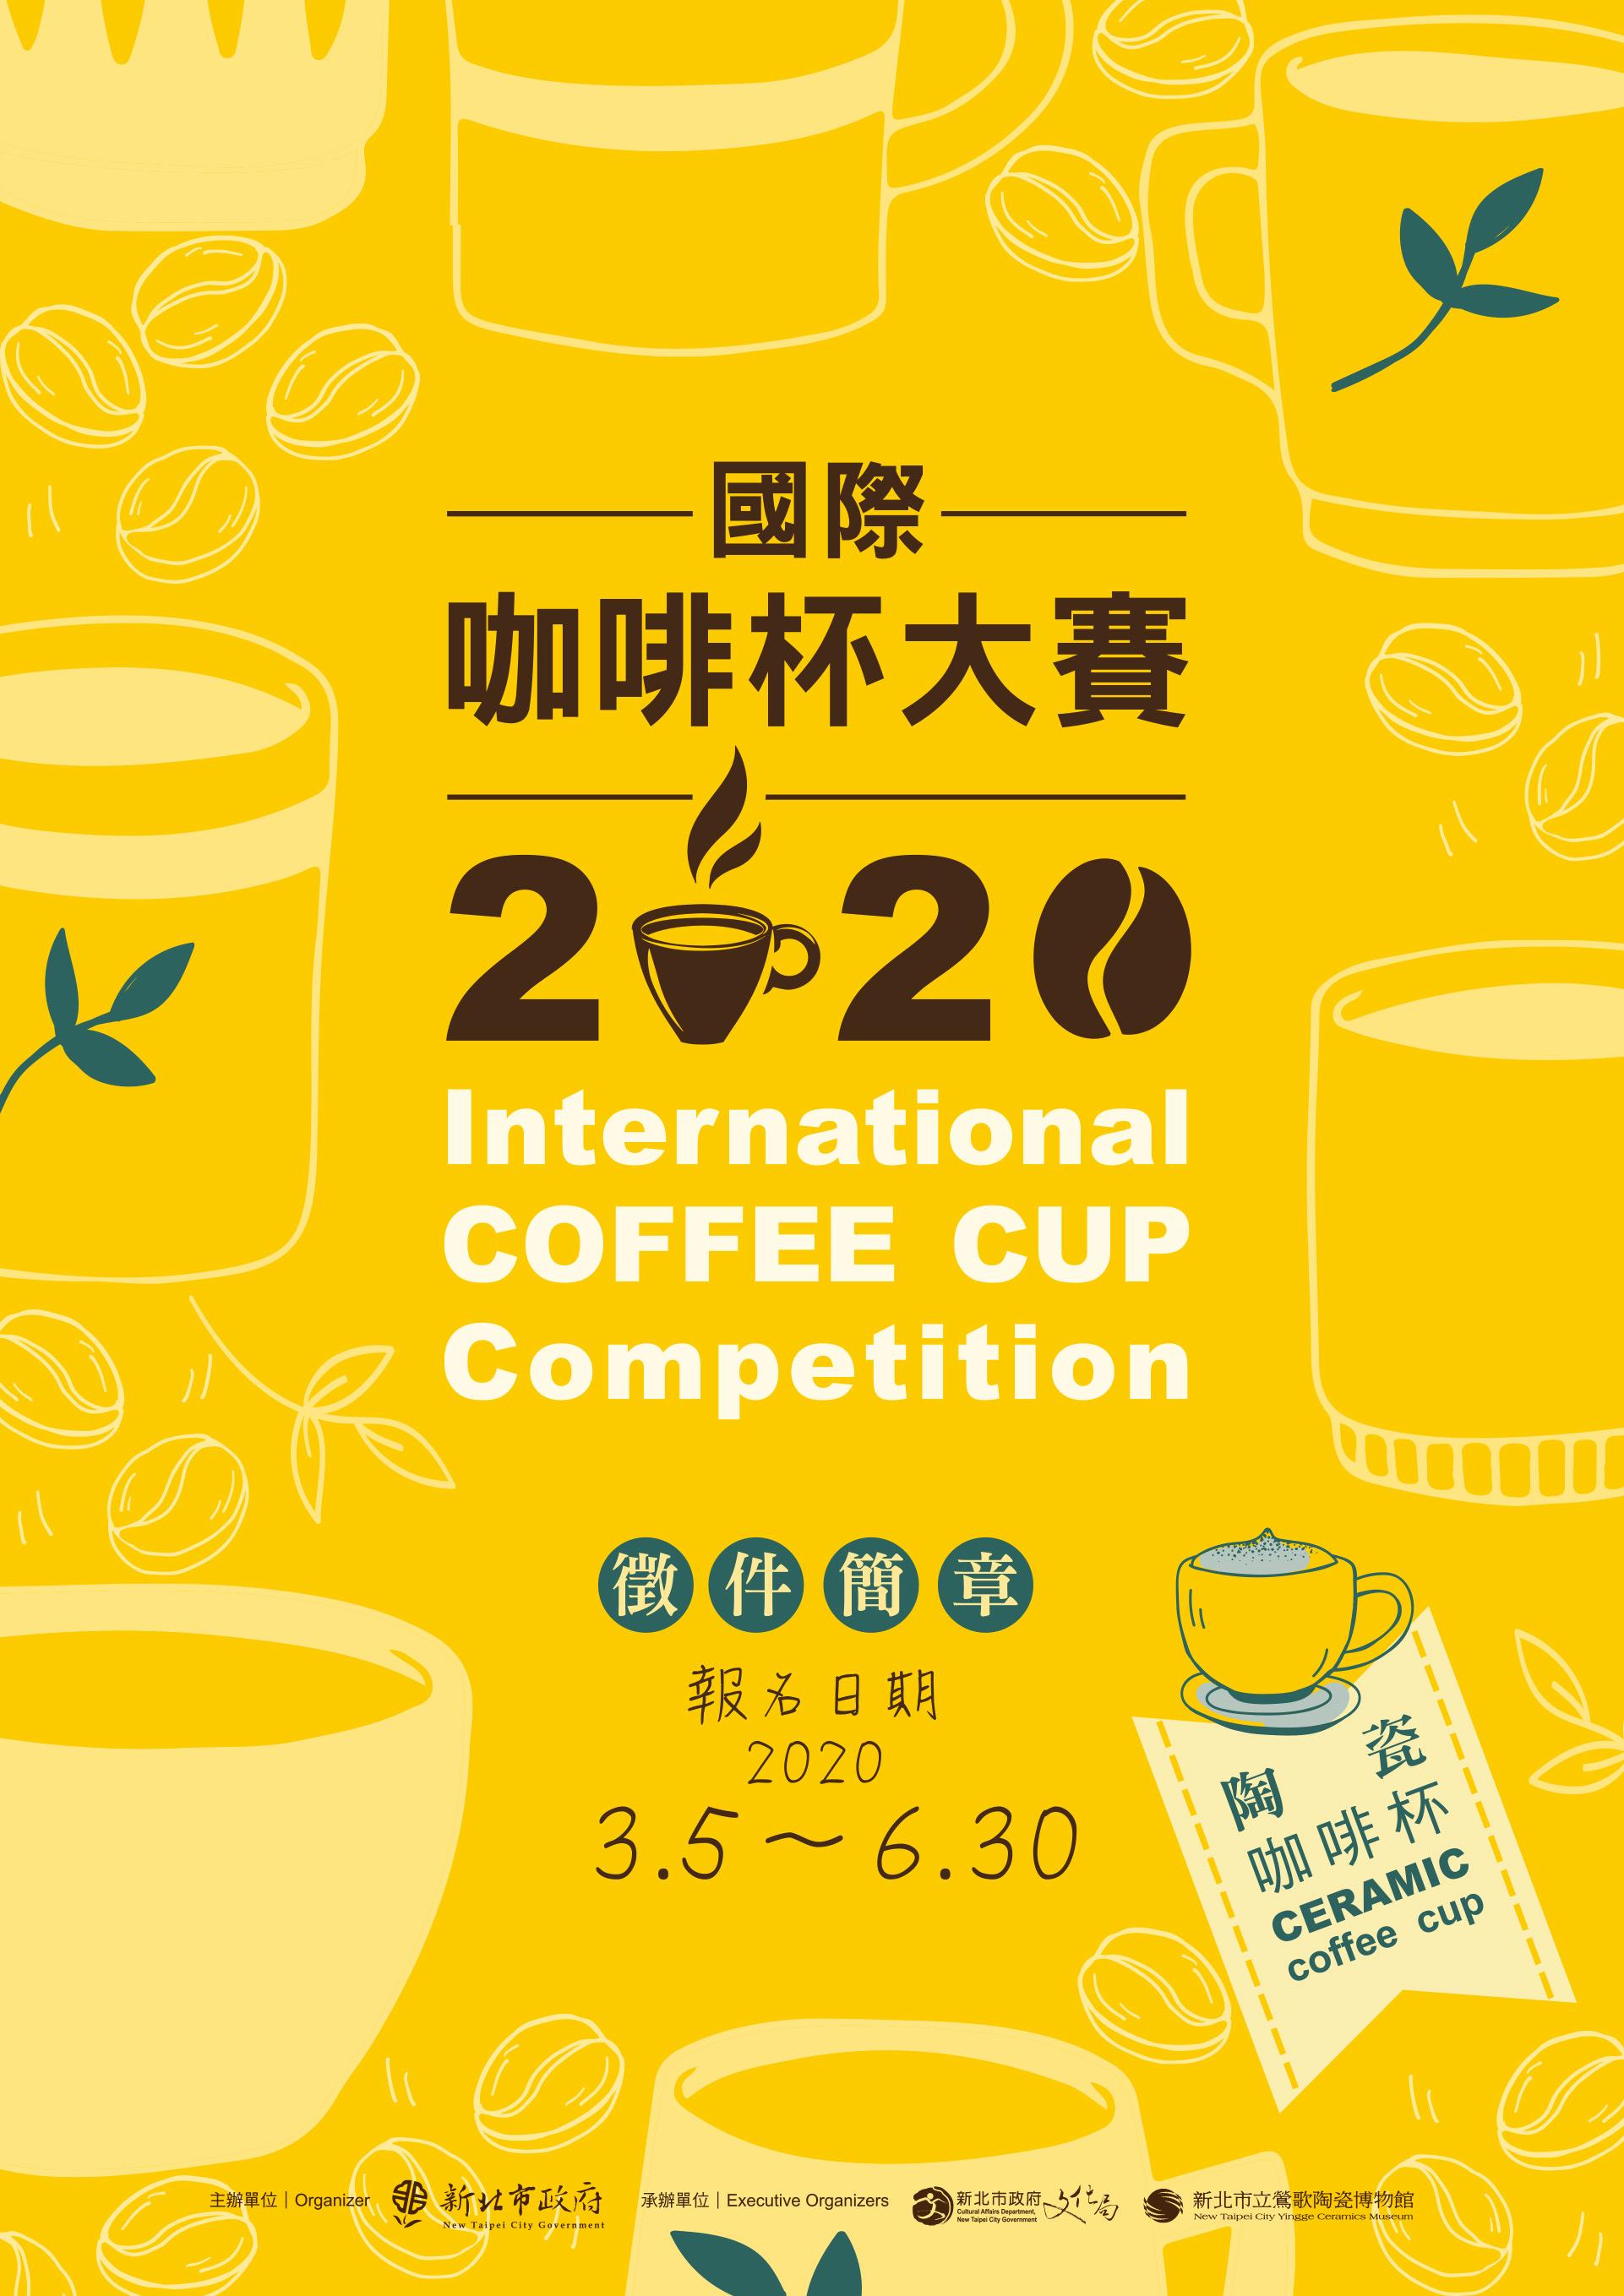 2020國際咖啡杯大賽 EDM